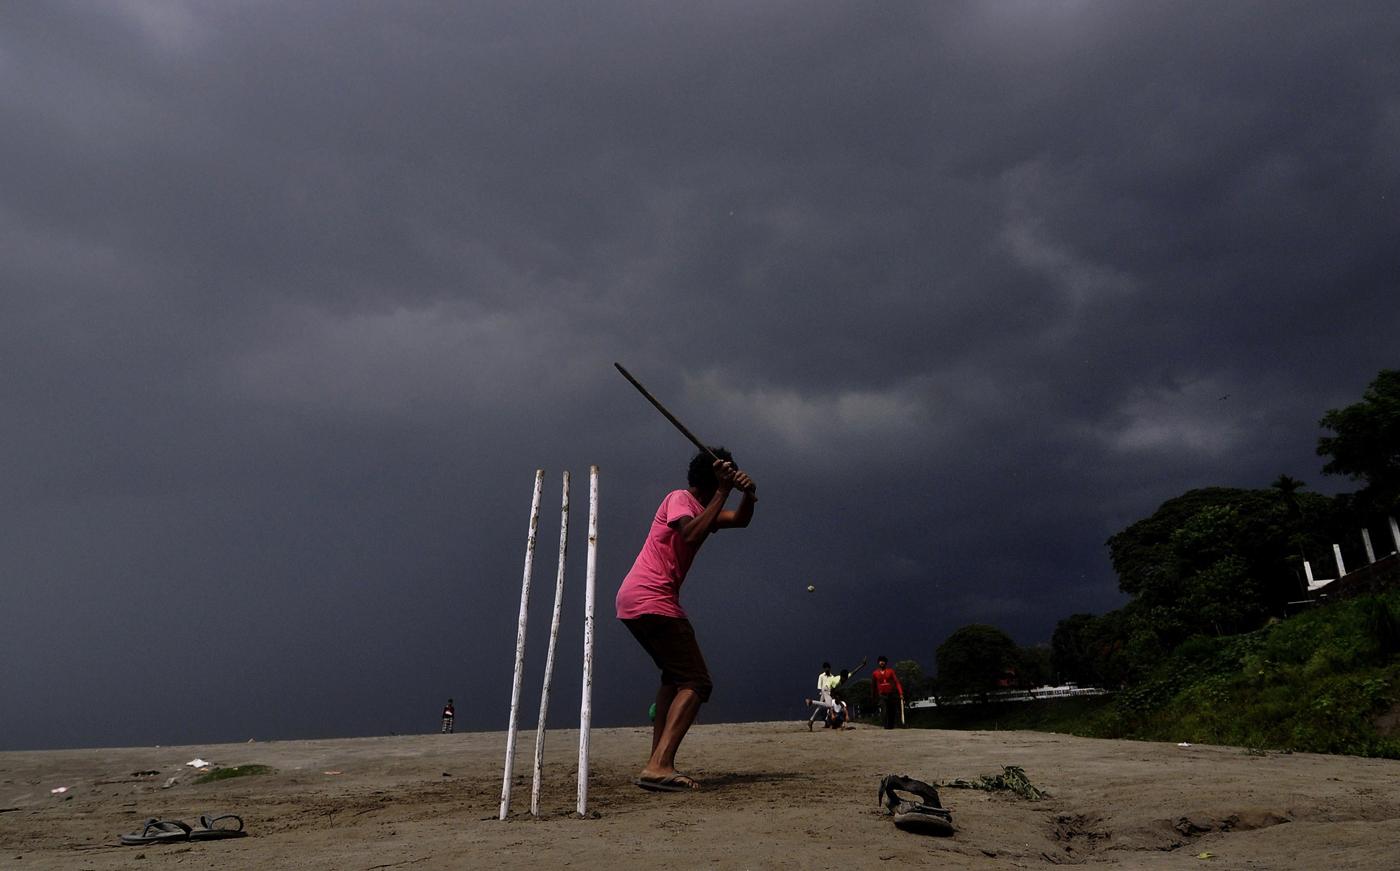 Children in Guwahati play cricket